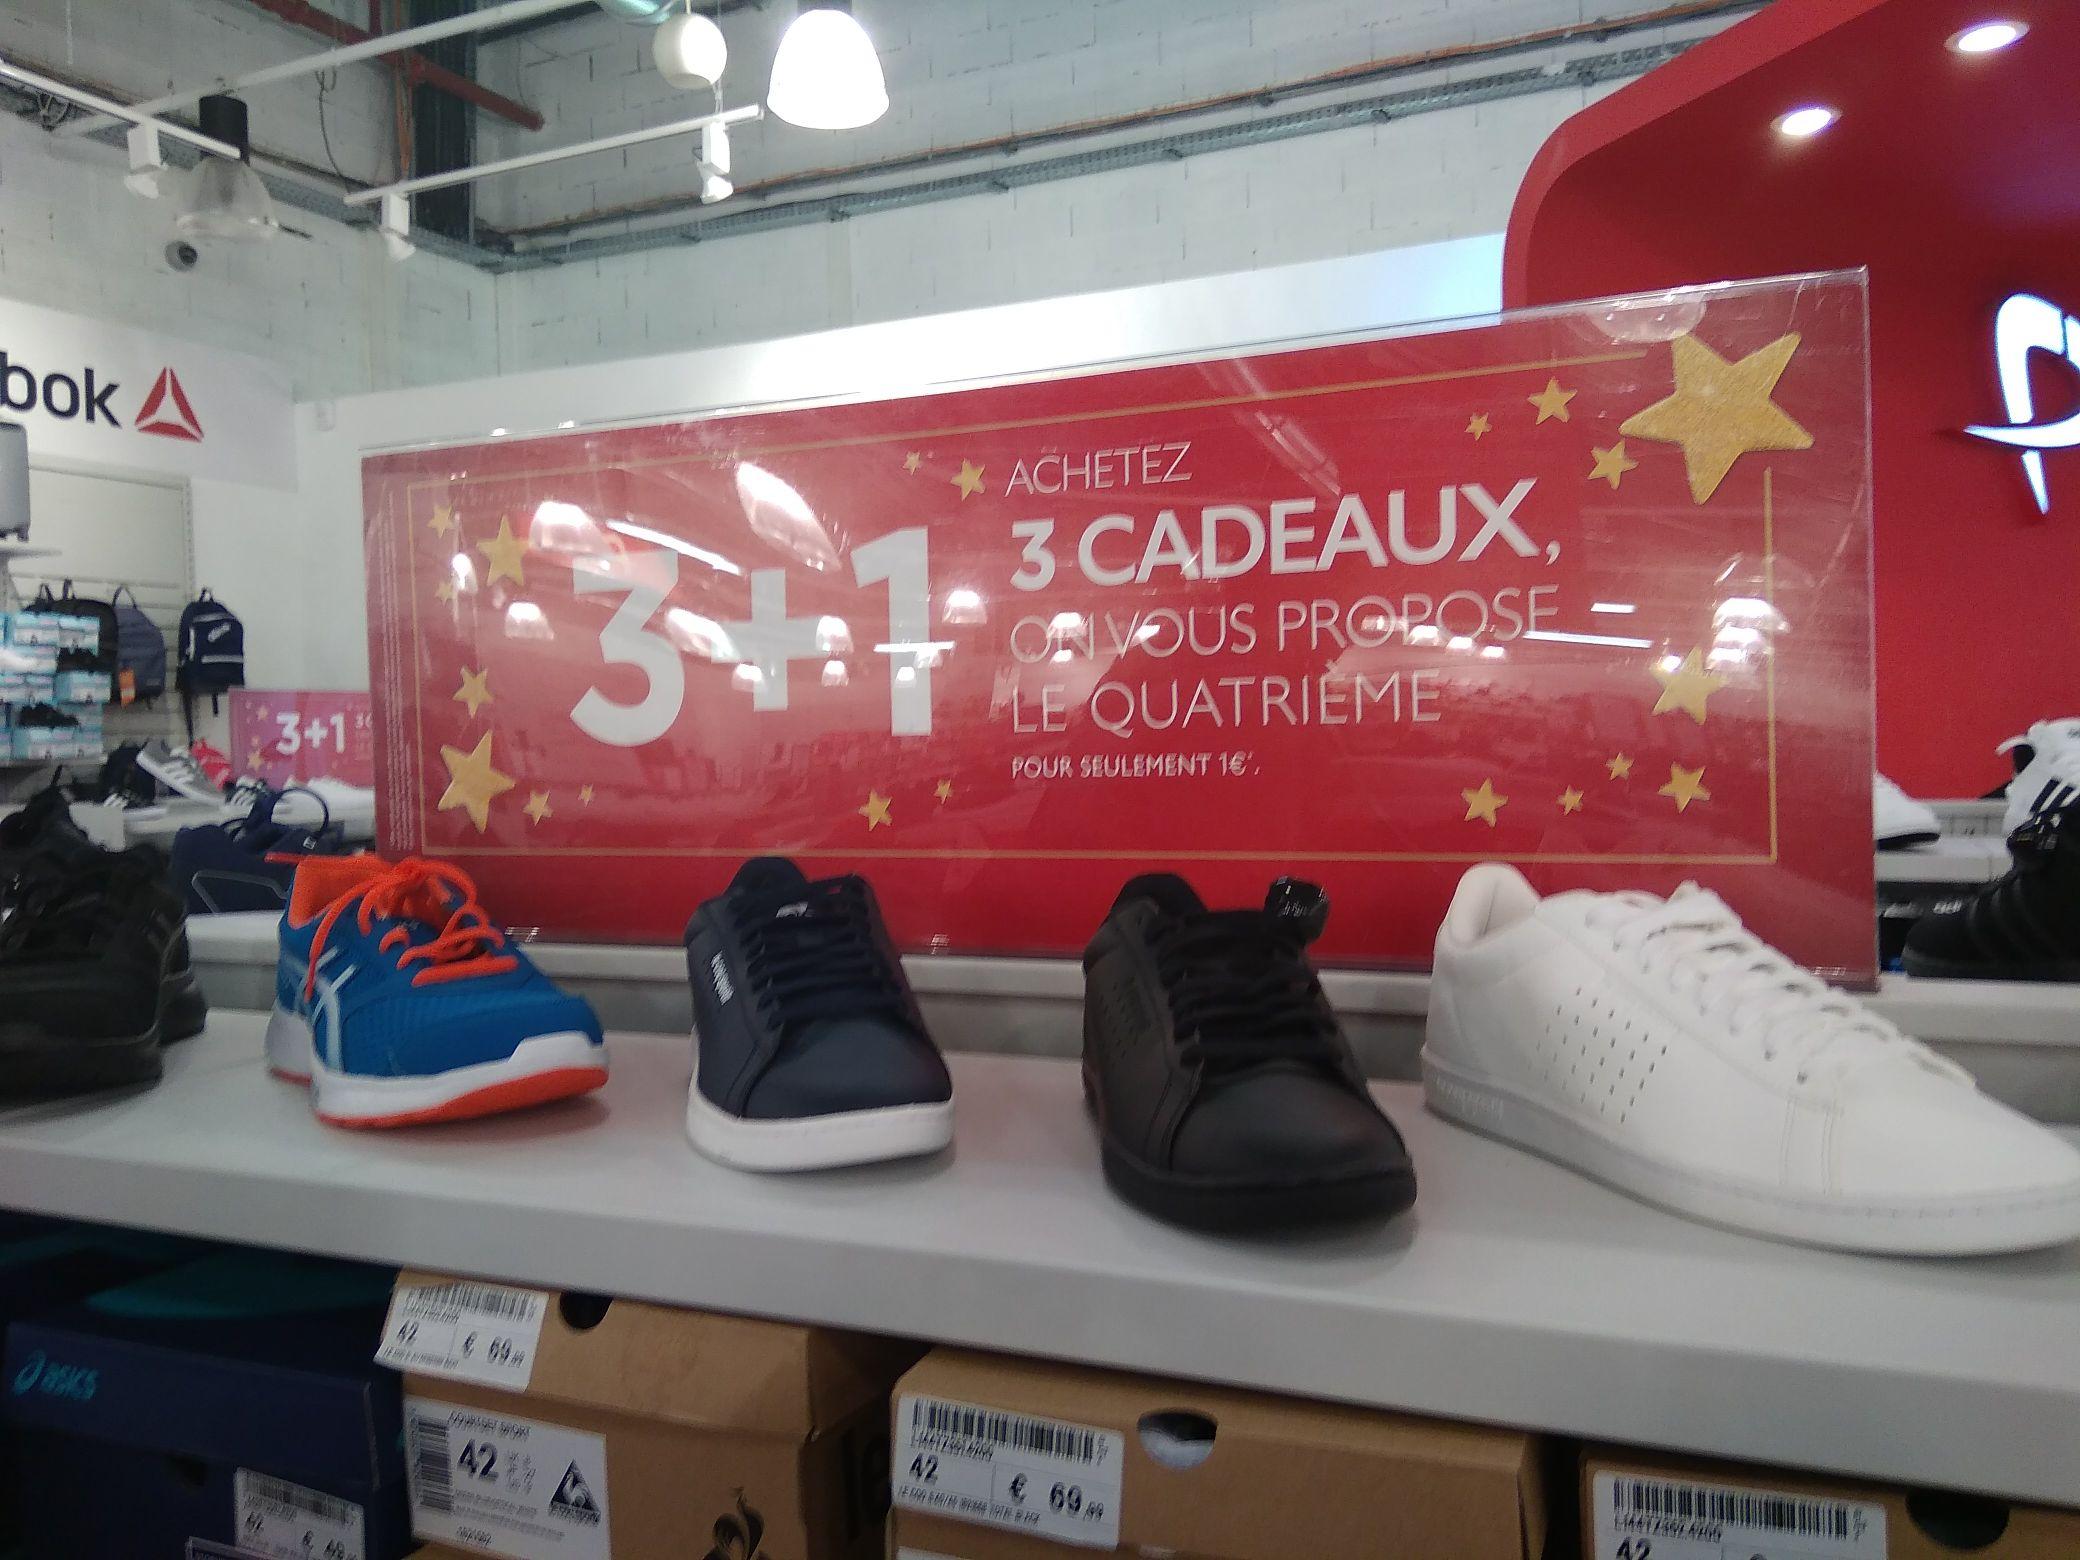 3 Paires de chaussures achetées = La 4 iem a 1€ - Pitrarosso  MArseille (13)